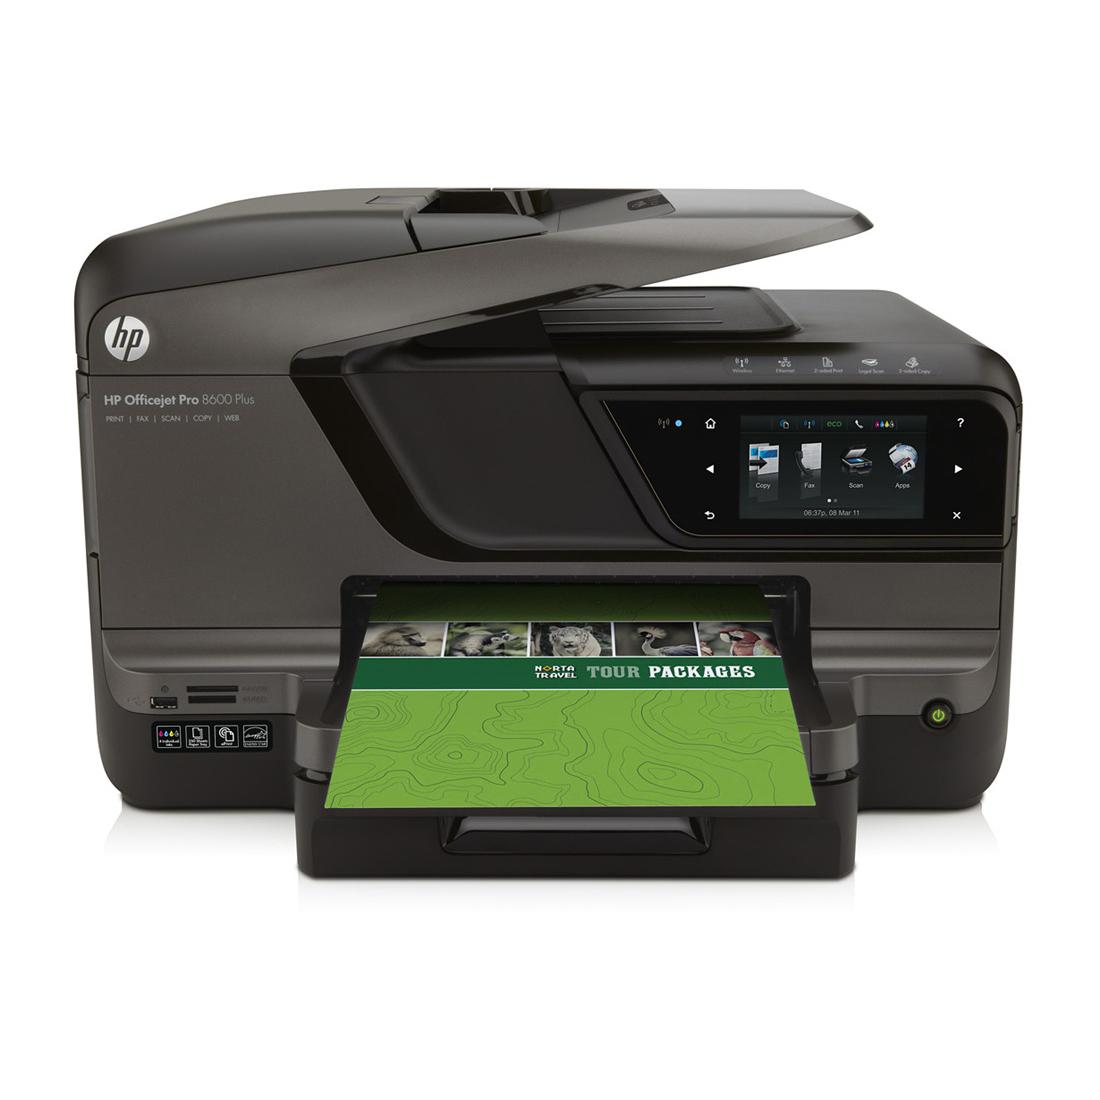 hp officejet pro 8600 plus cartouche hp 950 xl noire imprimante multifonction hp sur ldlc. Black Bedroom Furniture Sets. Home Design Ideas